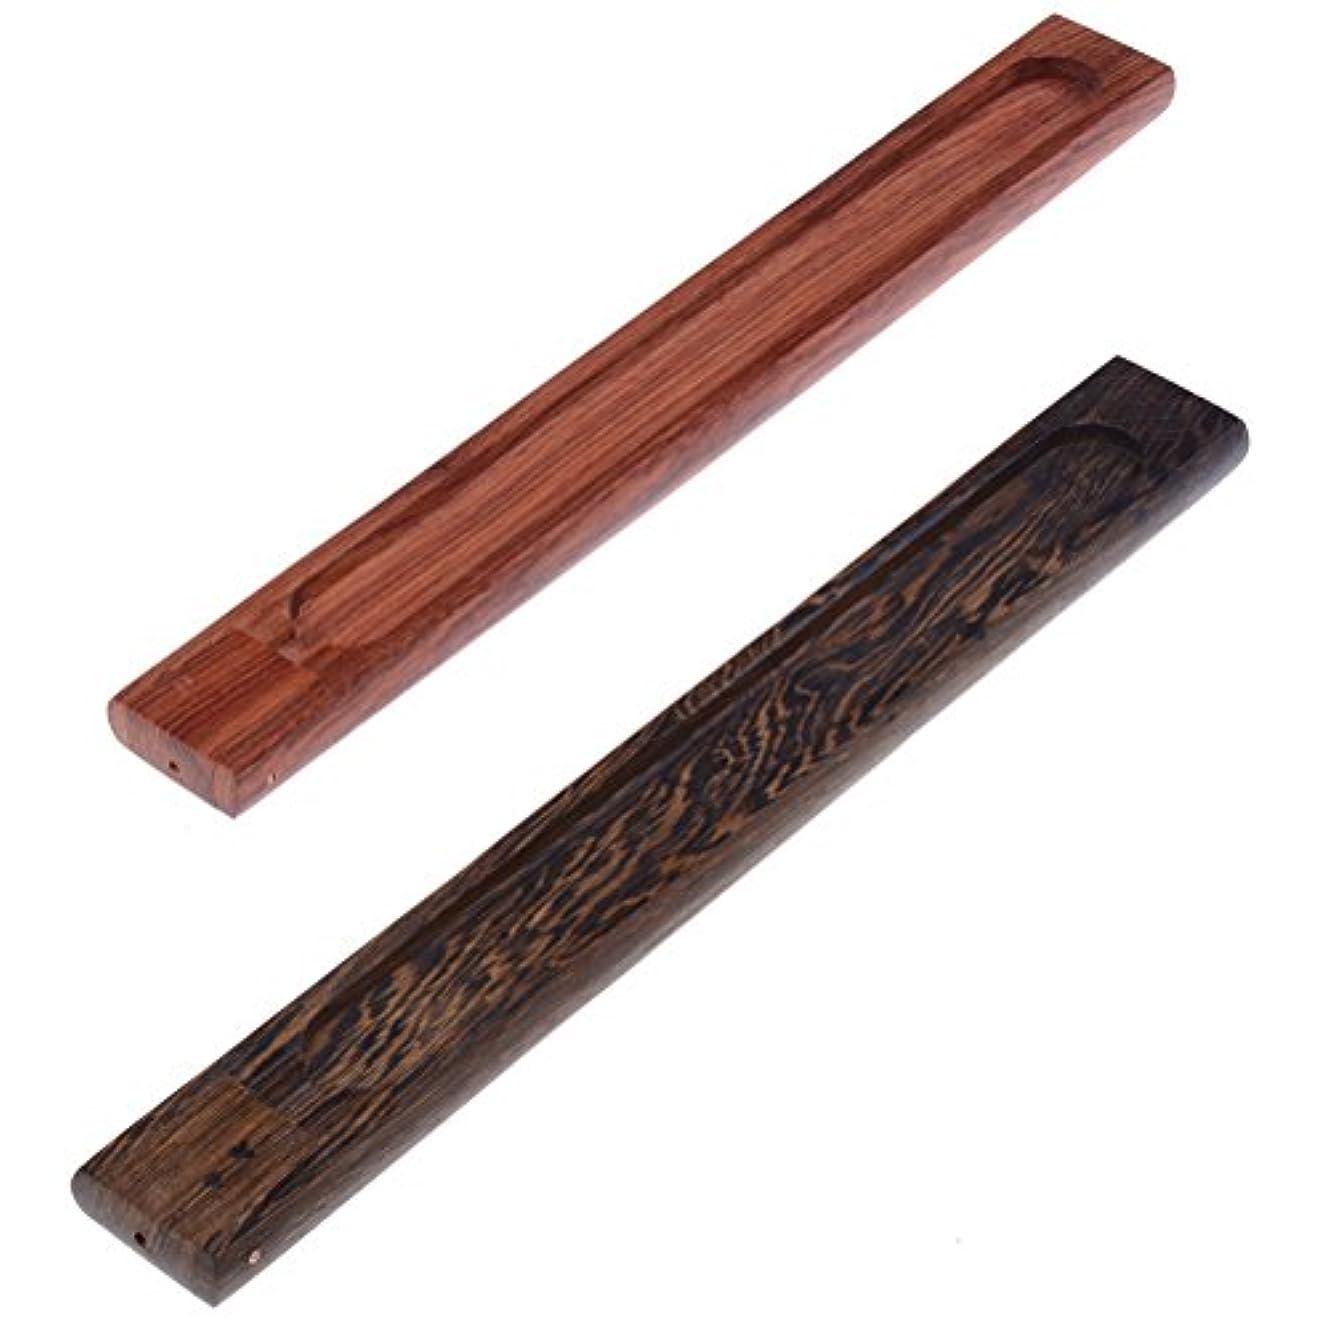 間面マラドロイトyiphates 2ピース木製香炉スティックホルダーAshキャッチャー木製トレイwith Adjustable Incense Stick Holder